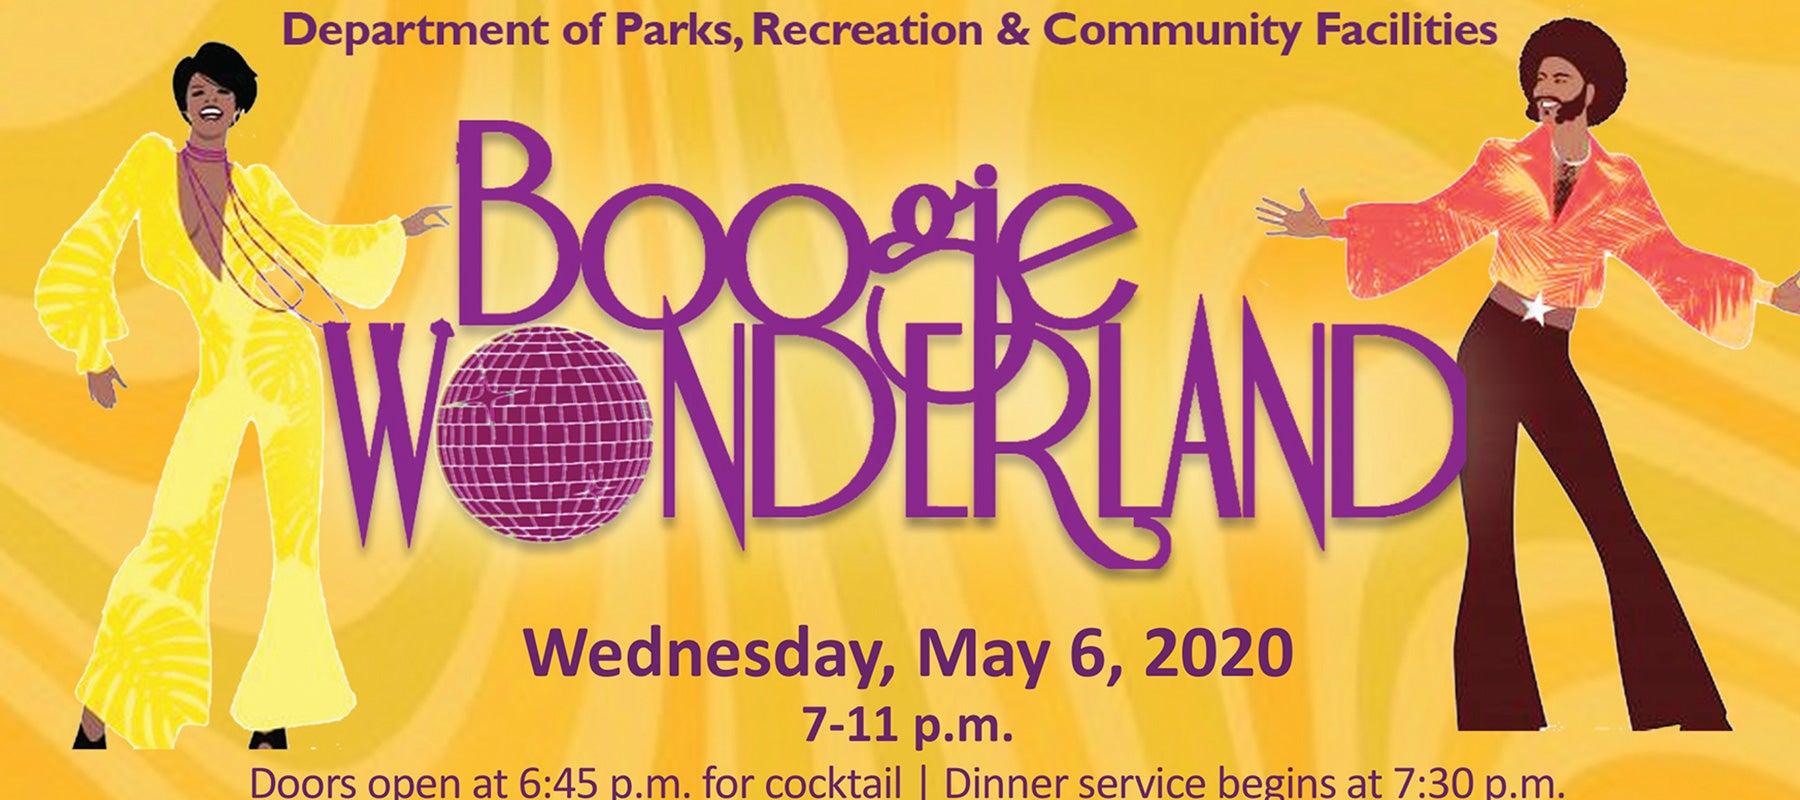 CANCELLED Boogie Wonderland, Dept. of Parks & Recreation